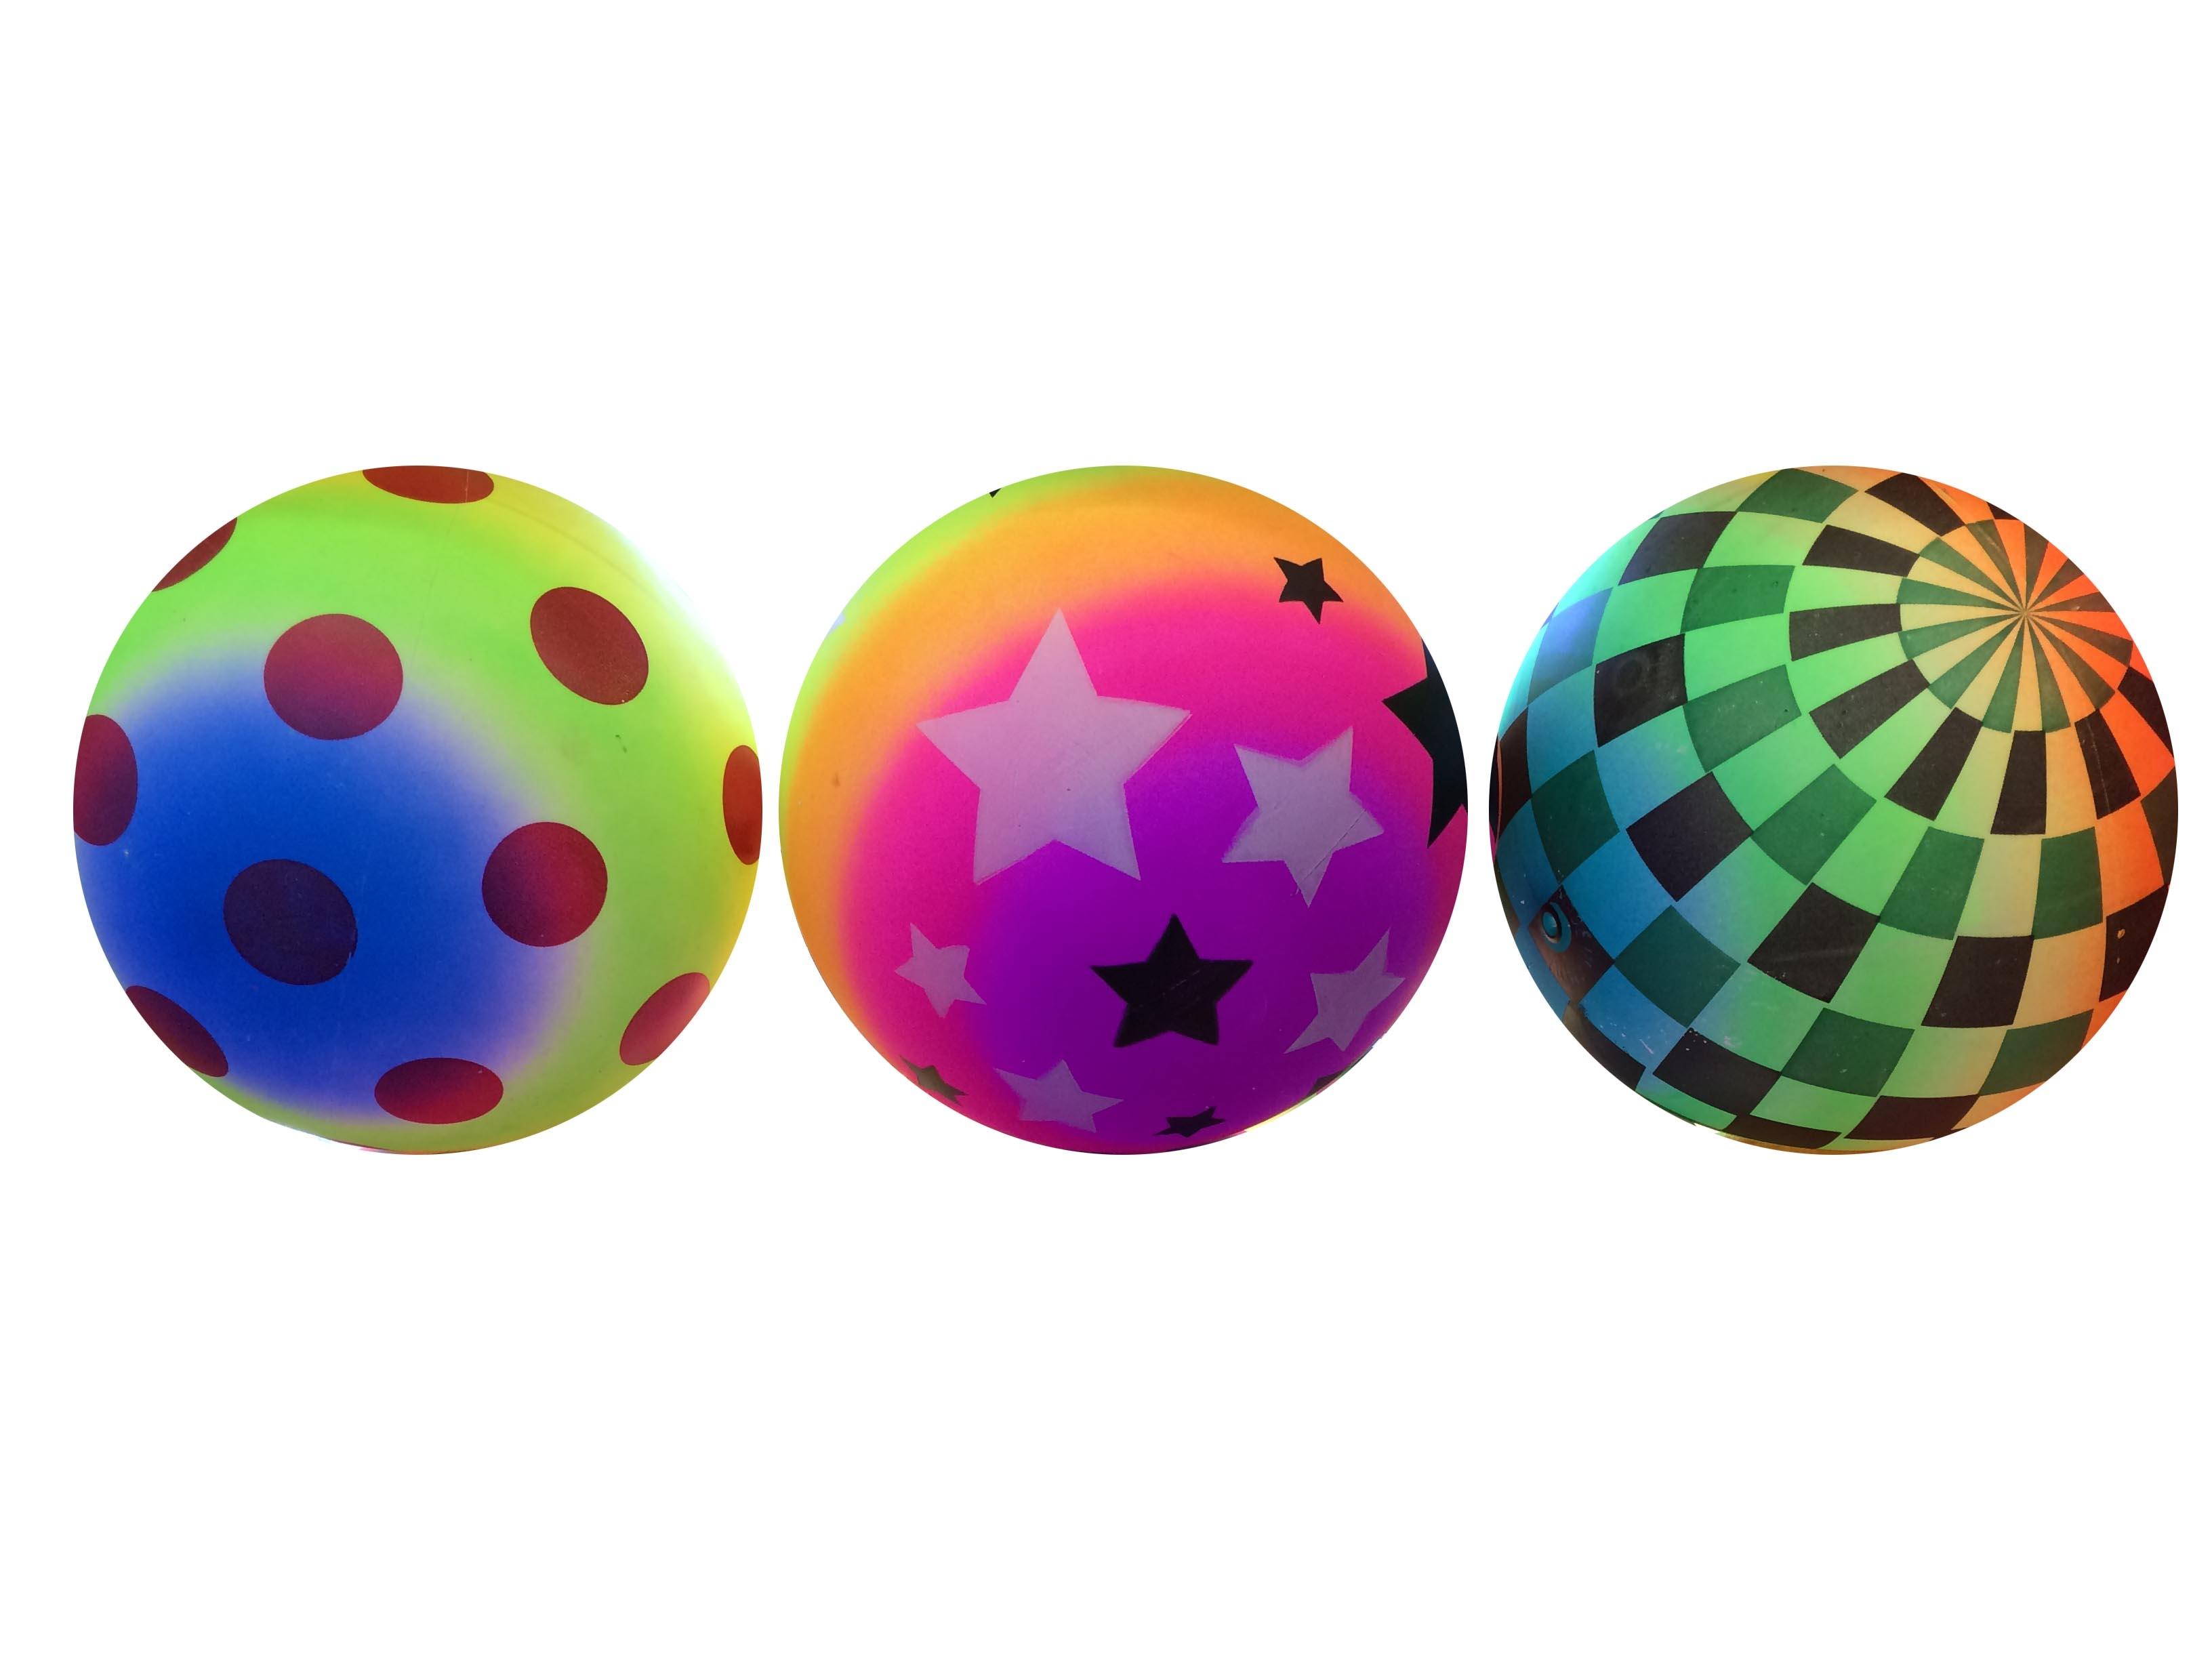 Детские мячи и прыгуны 1toy Т59919 мячики и прыгуны spring прыгуны животные олененок